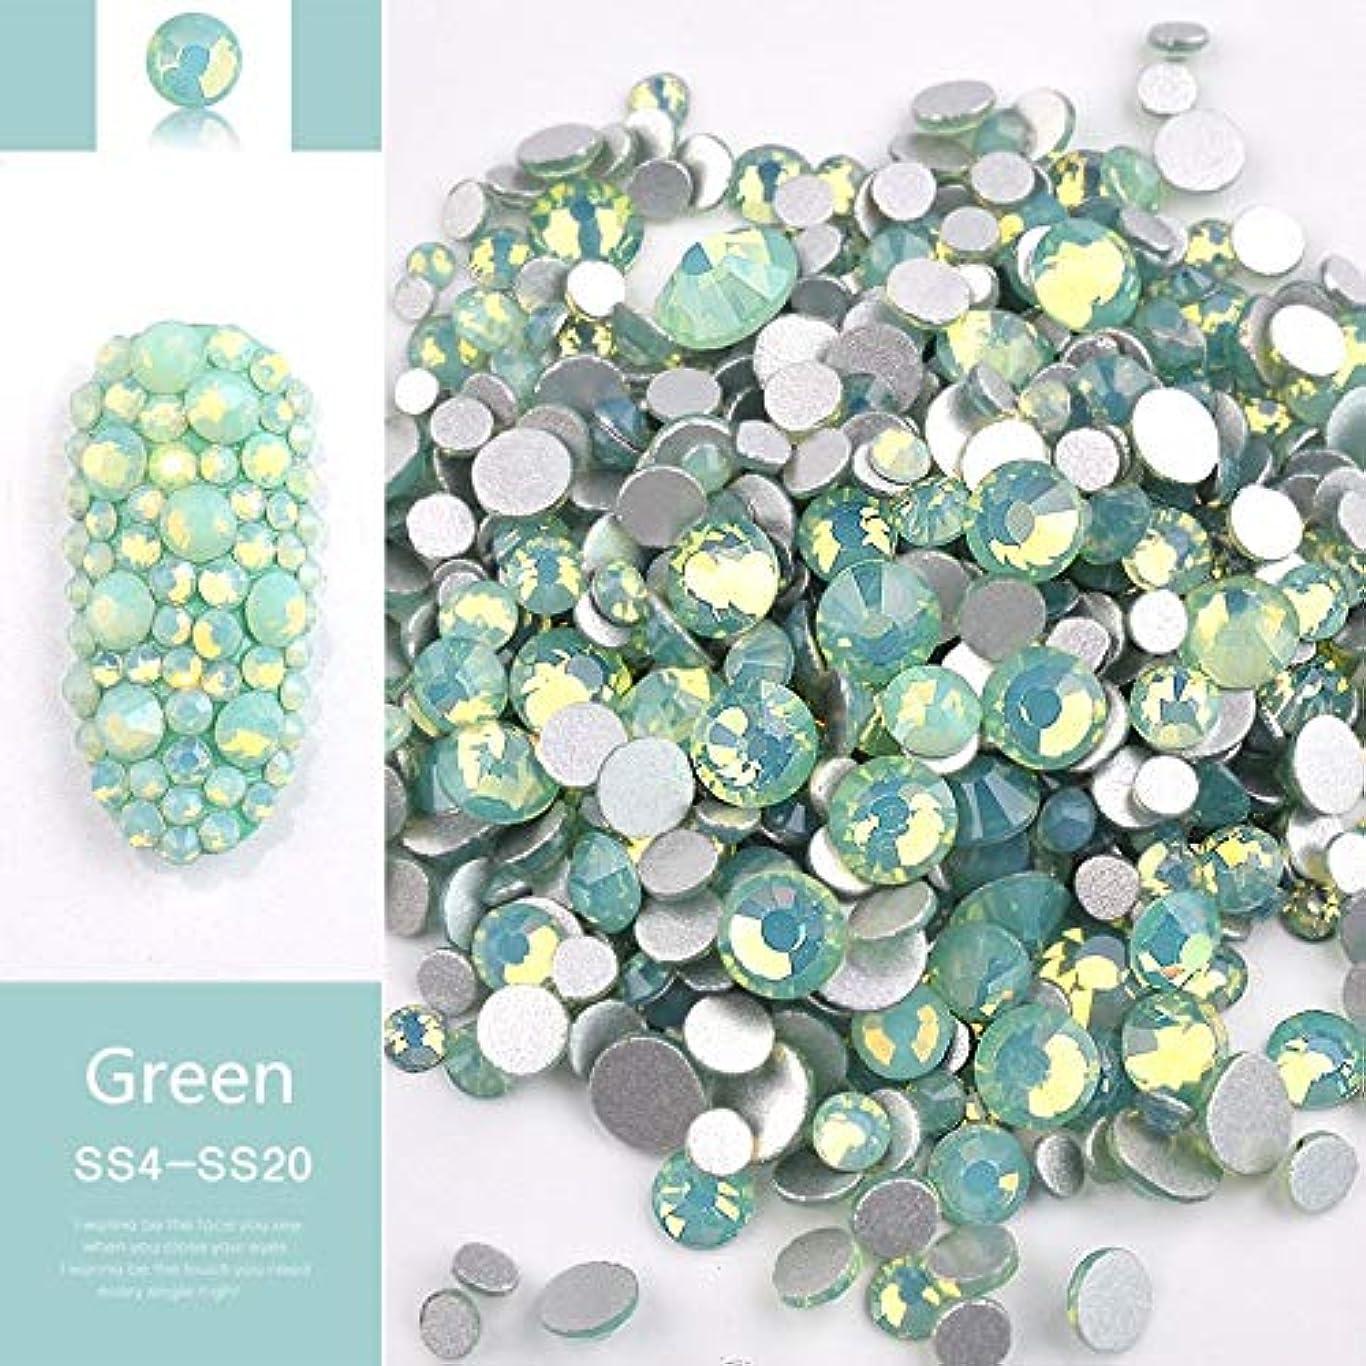 弾力性のあるサイドボード弱点Jiaoran ビーズ樹脂クリスタルラウンドネイルアートミックスフラットバックアクリルラインストーンミックスサイズ1.5-4.5 mm装飾用ネイル (Color : Green)